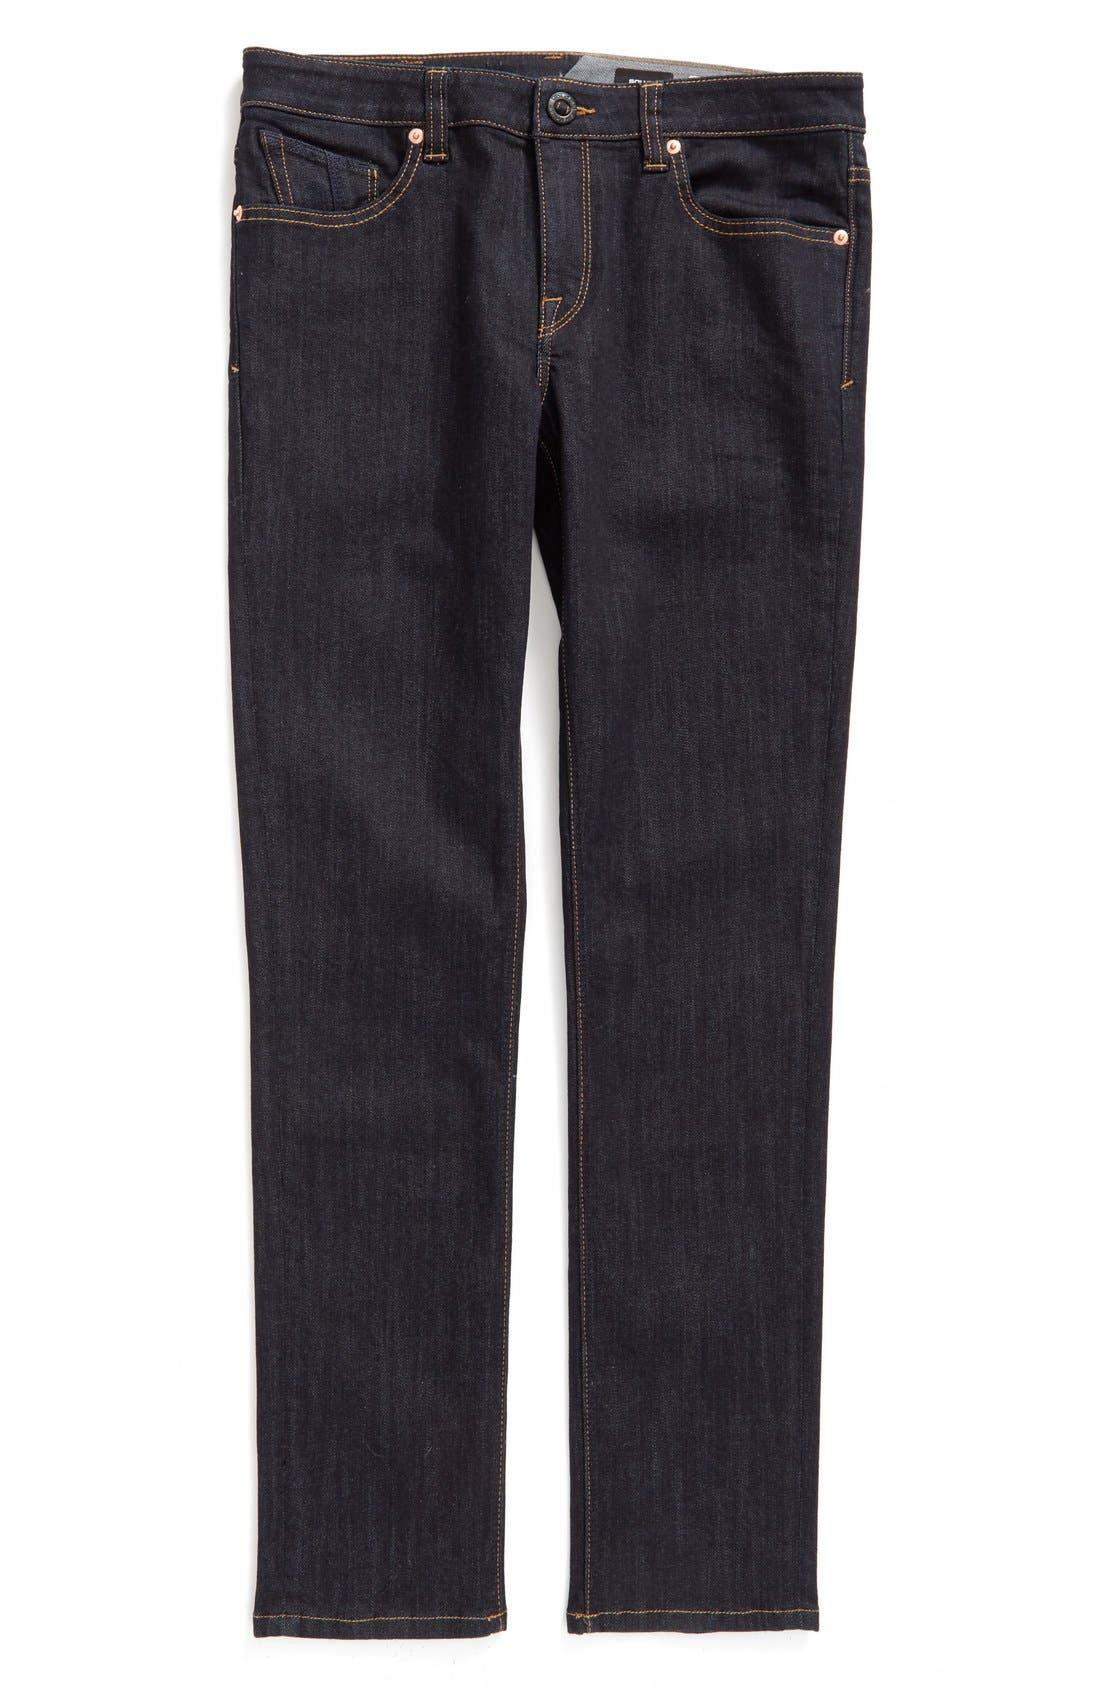 Alternate Image 1 Selected - Volcom 'Solver' Straight Leg Denim Jeans (Toddler Boys, Little Boys & Big Boys)